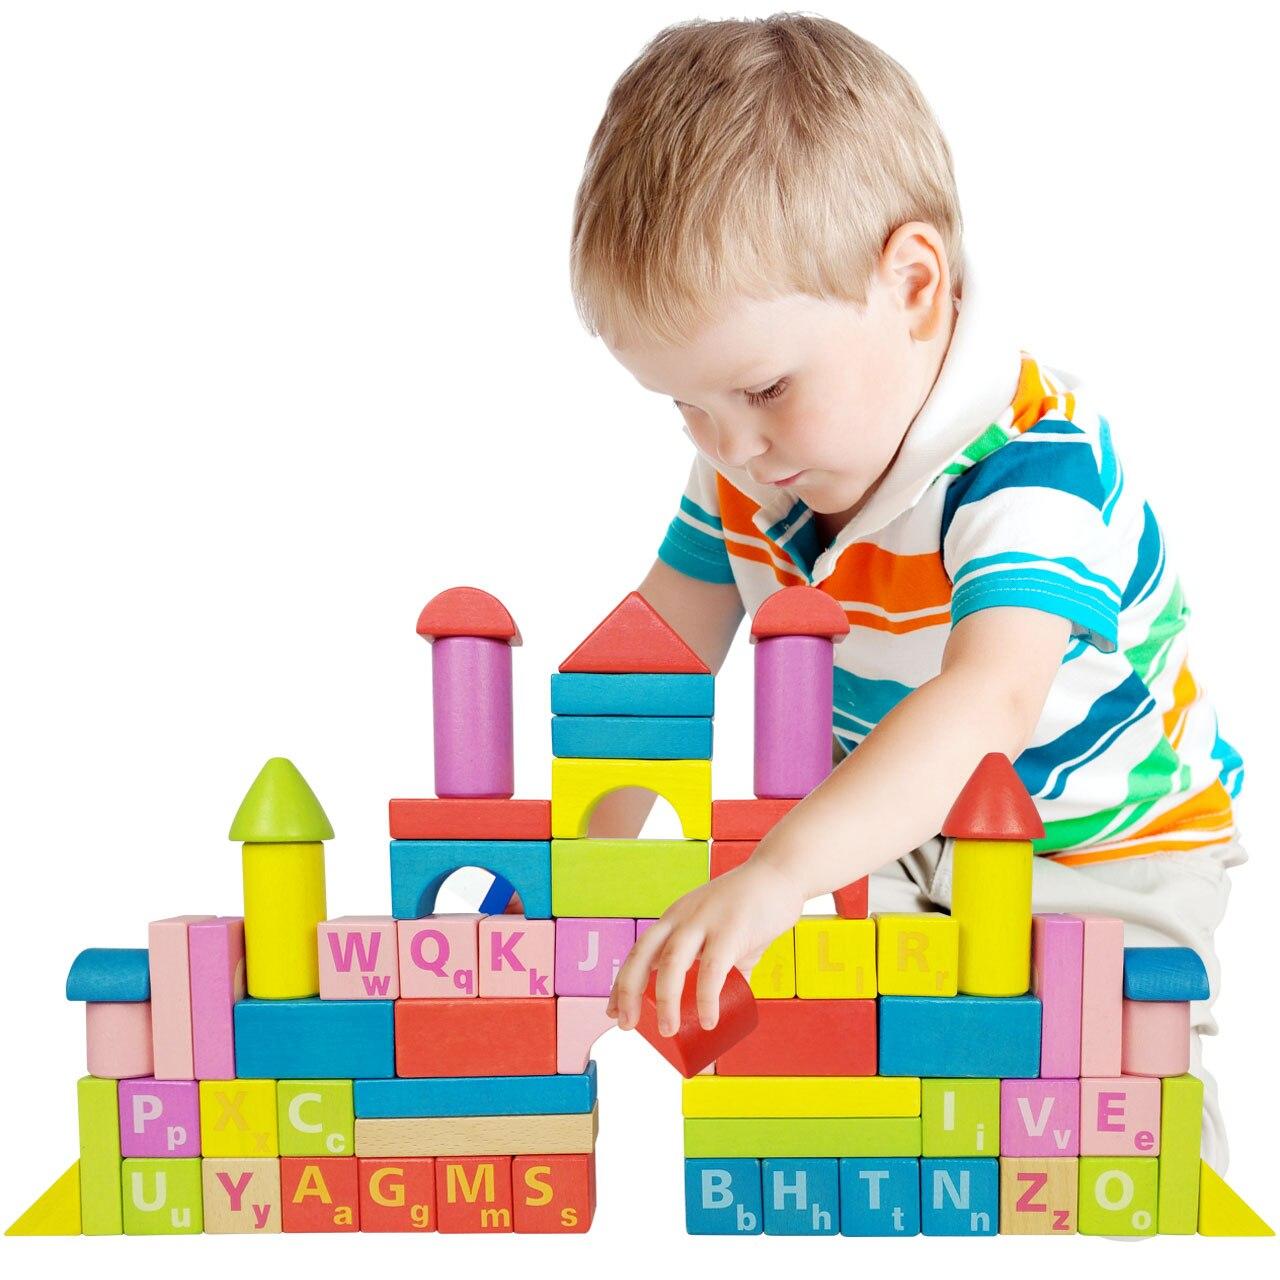 Livraison gratuite enfants classique en bois coloré forme Cognitive blocs de construction jouet éducatif en bois jouets enfants jeu cadeau